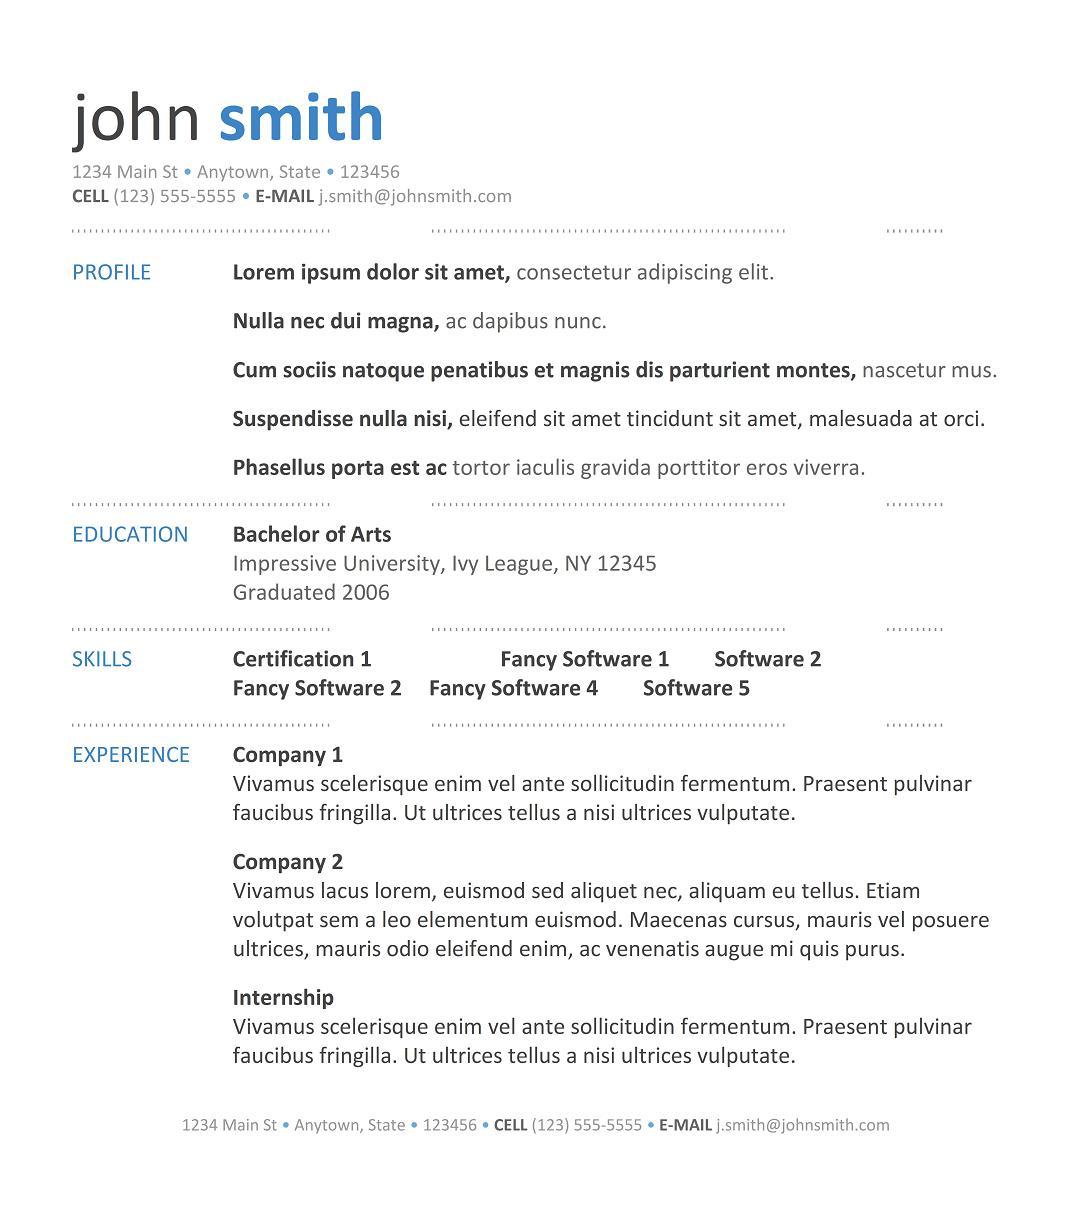 resume profile summary for freshers